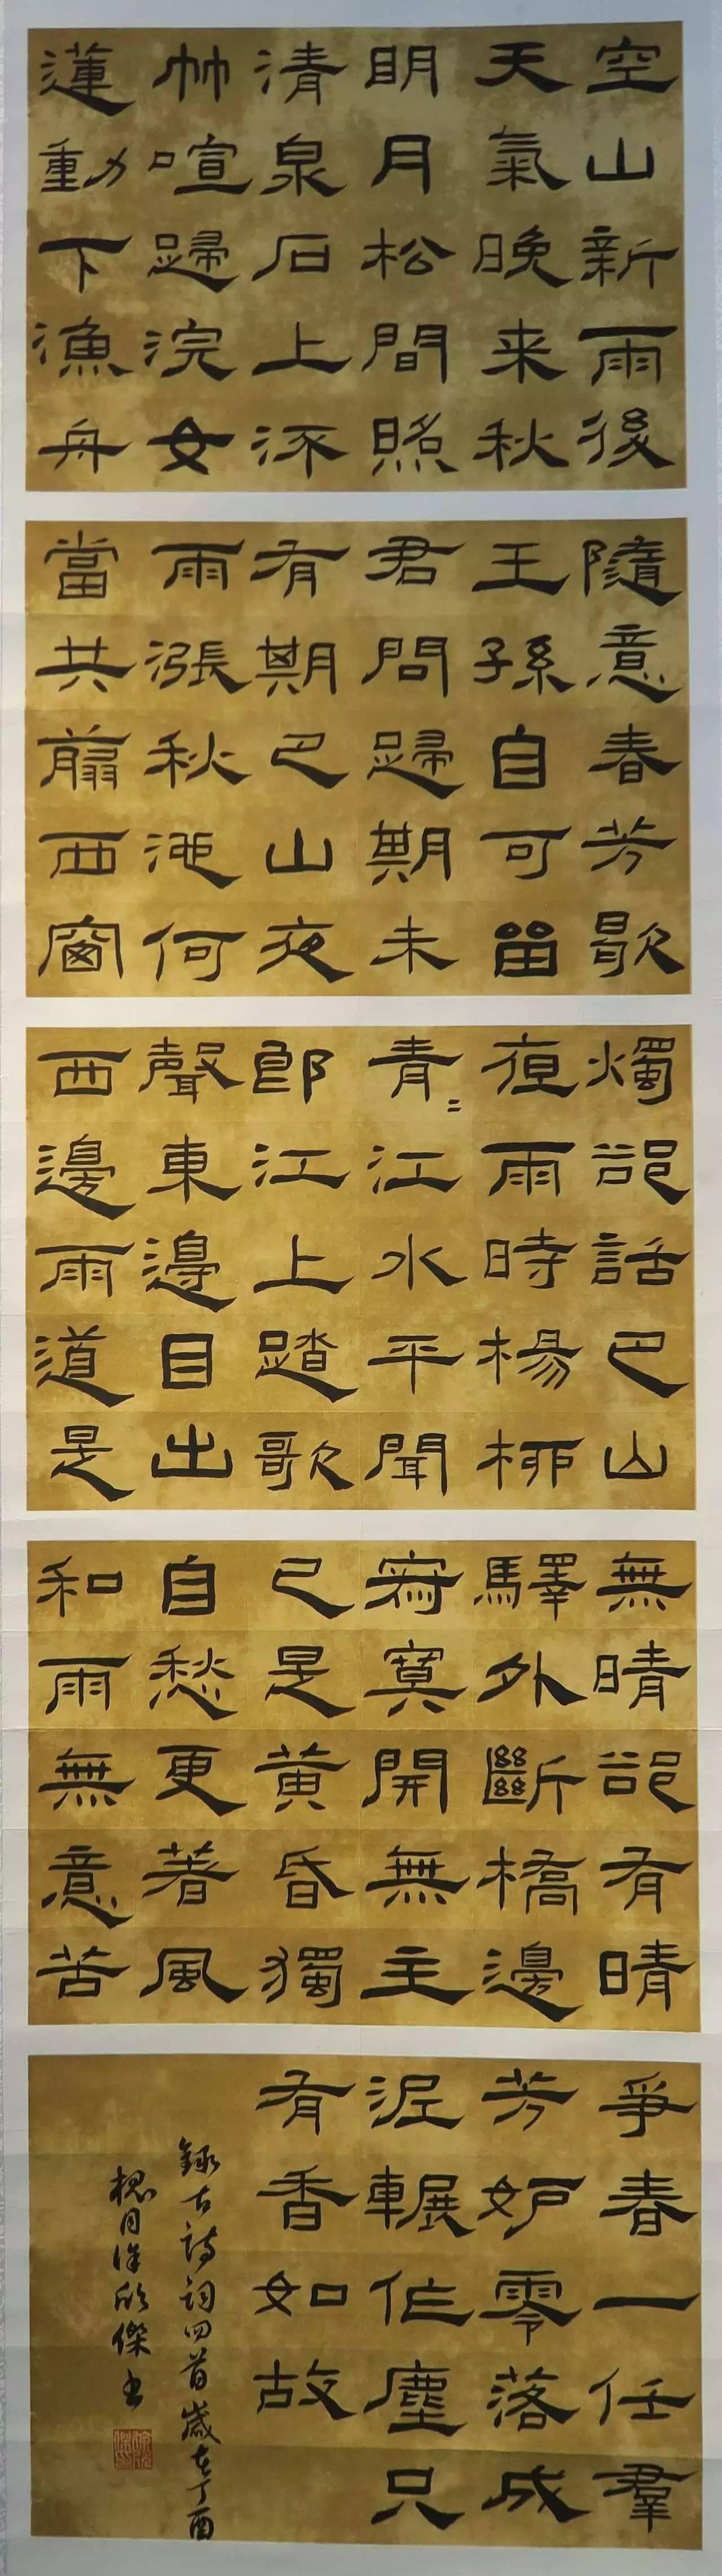 签名logo设计汤敬慈